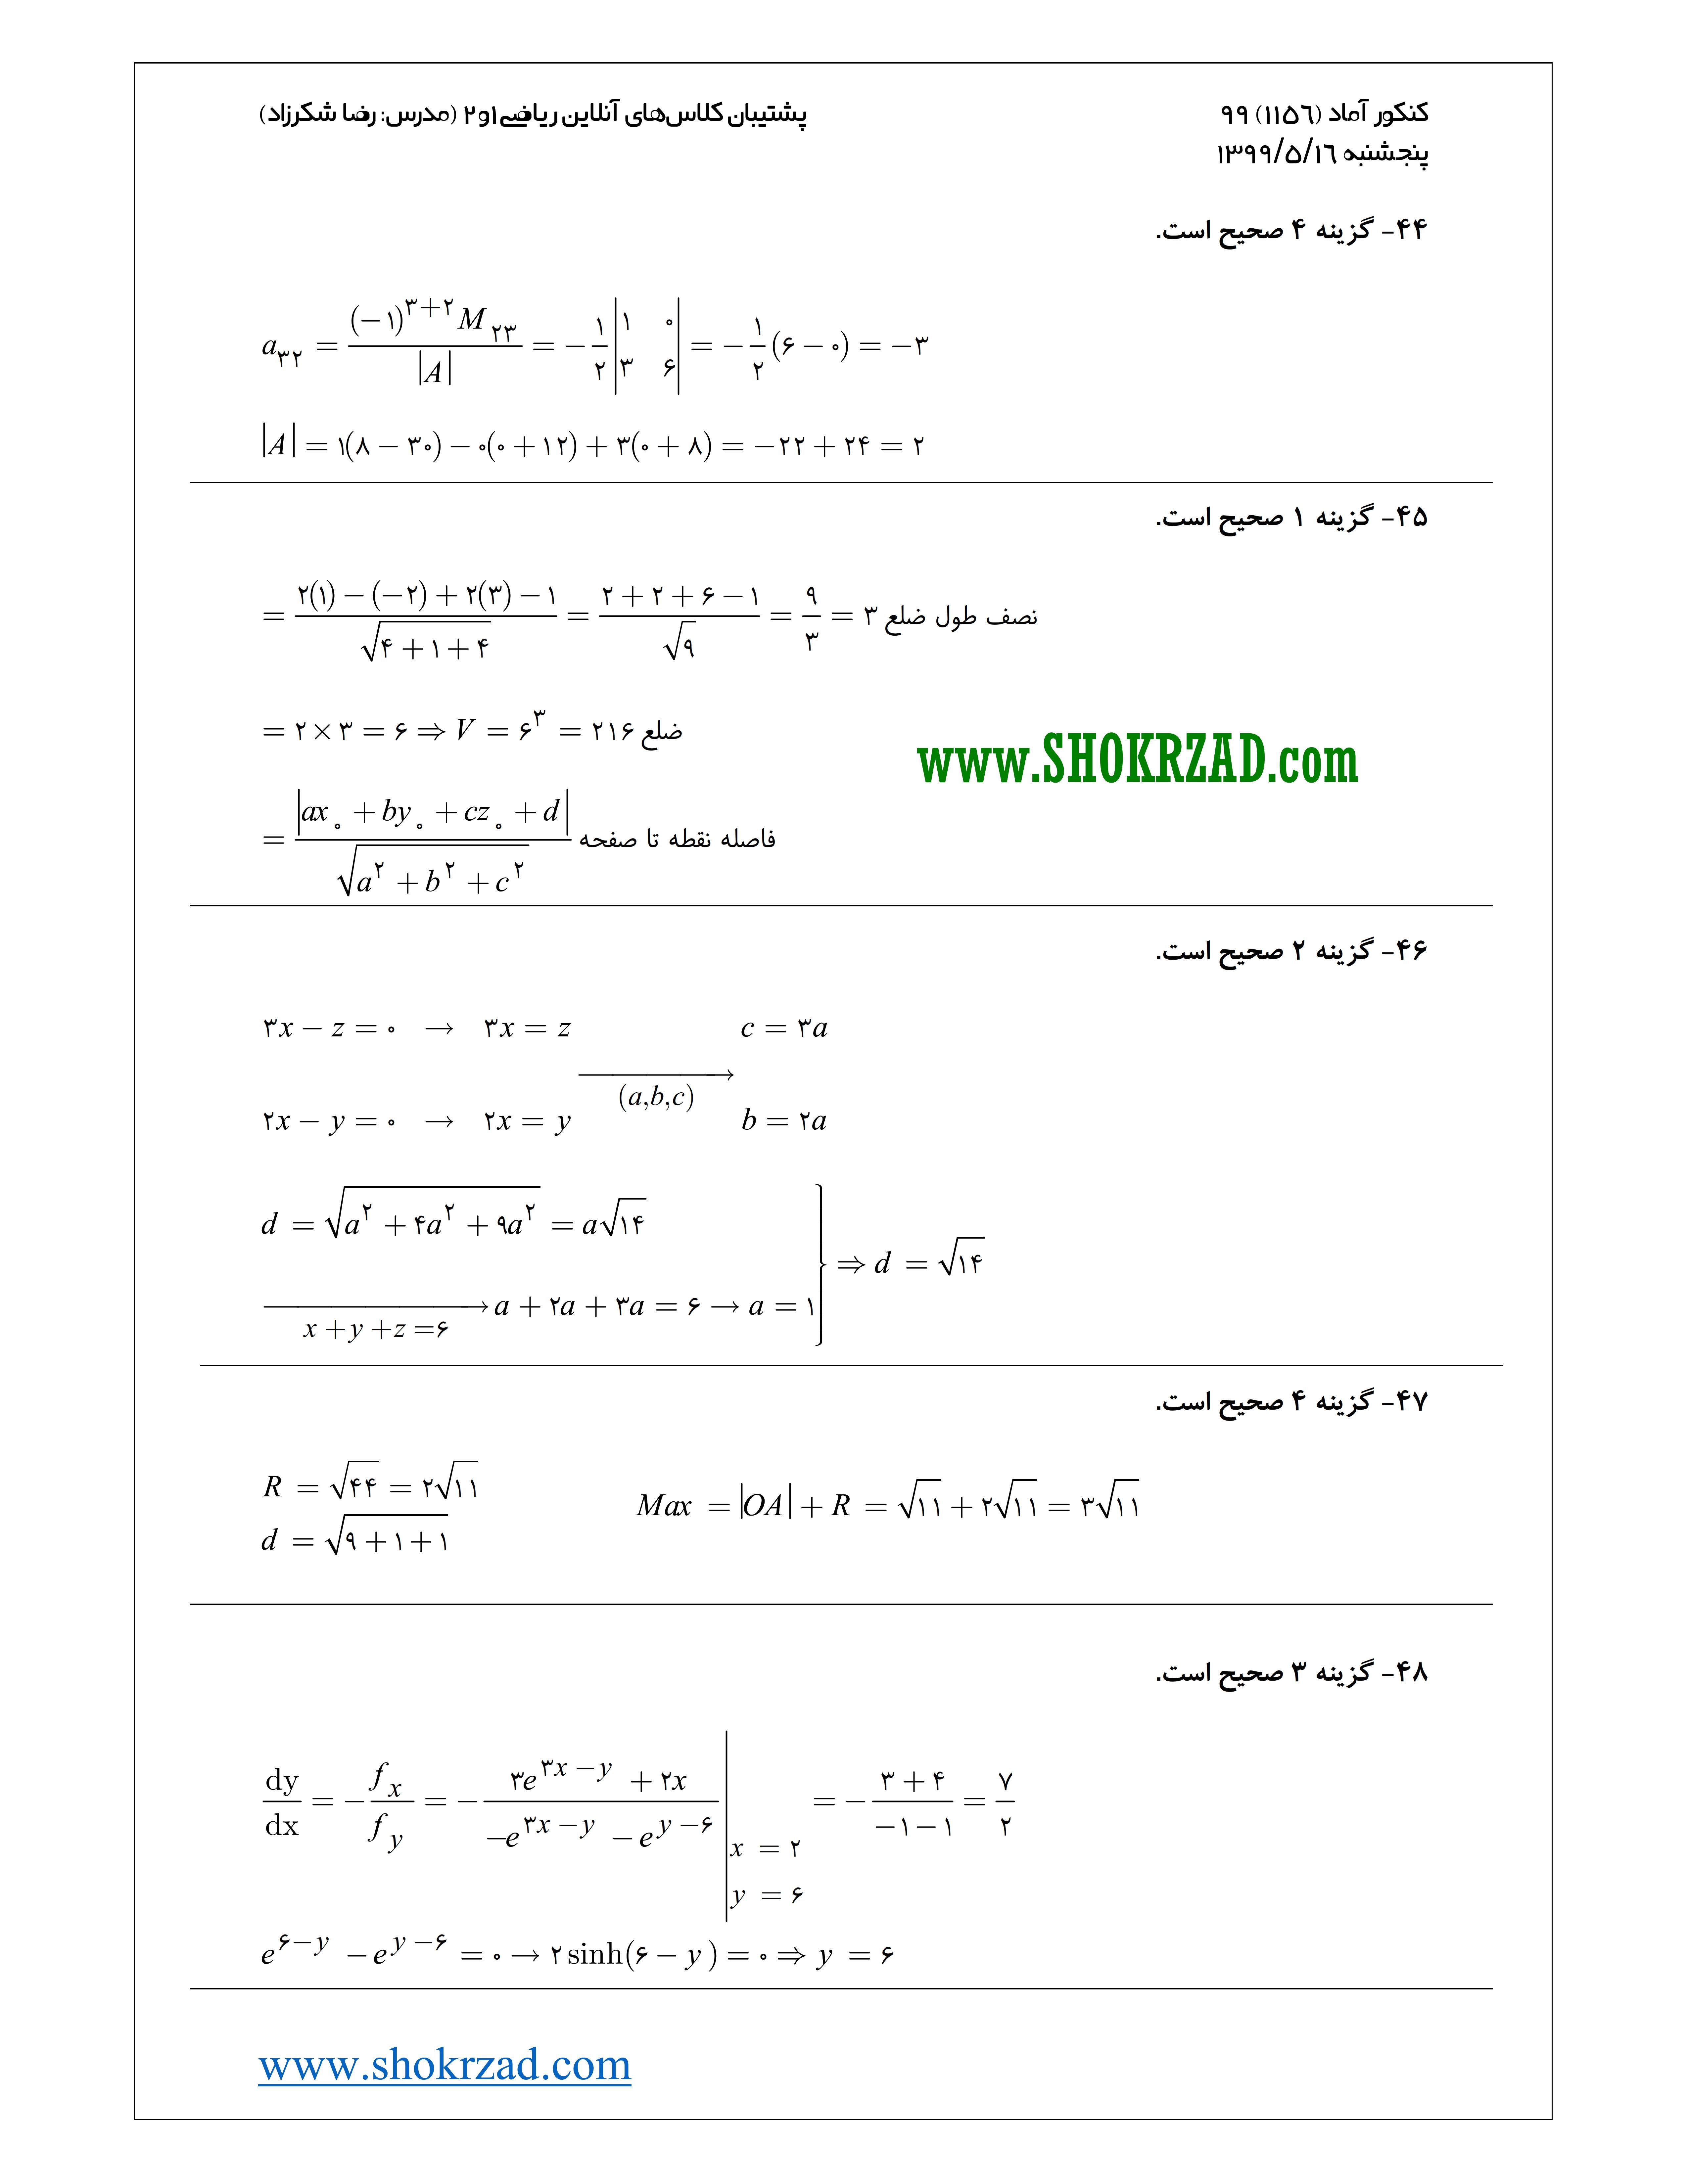 پاسخنامه تشریحی ریاضی رشته آماد 99